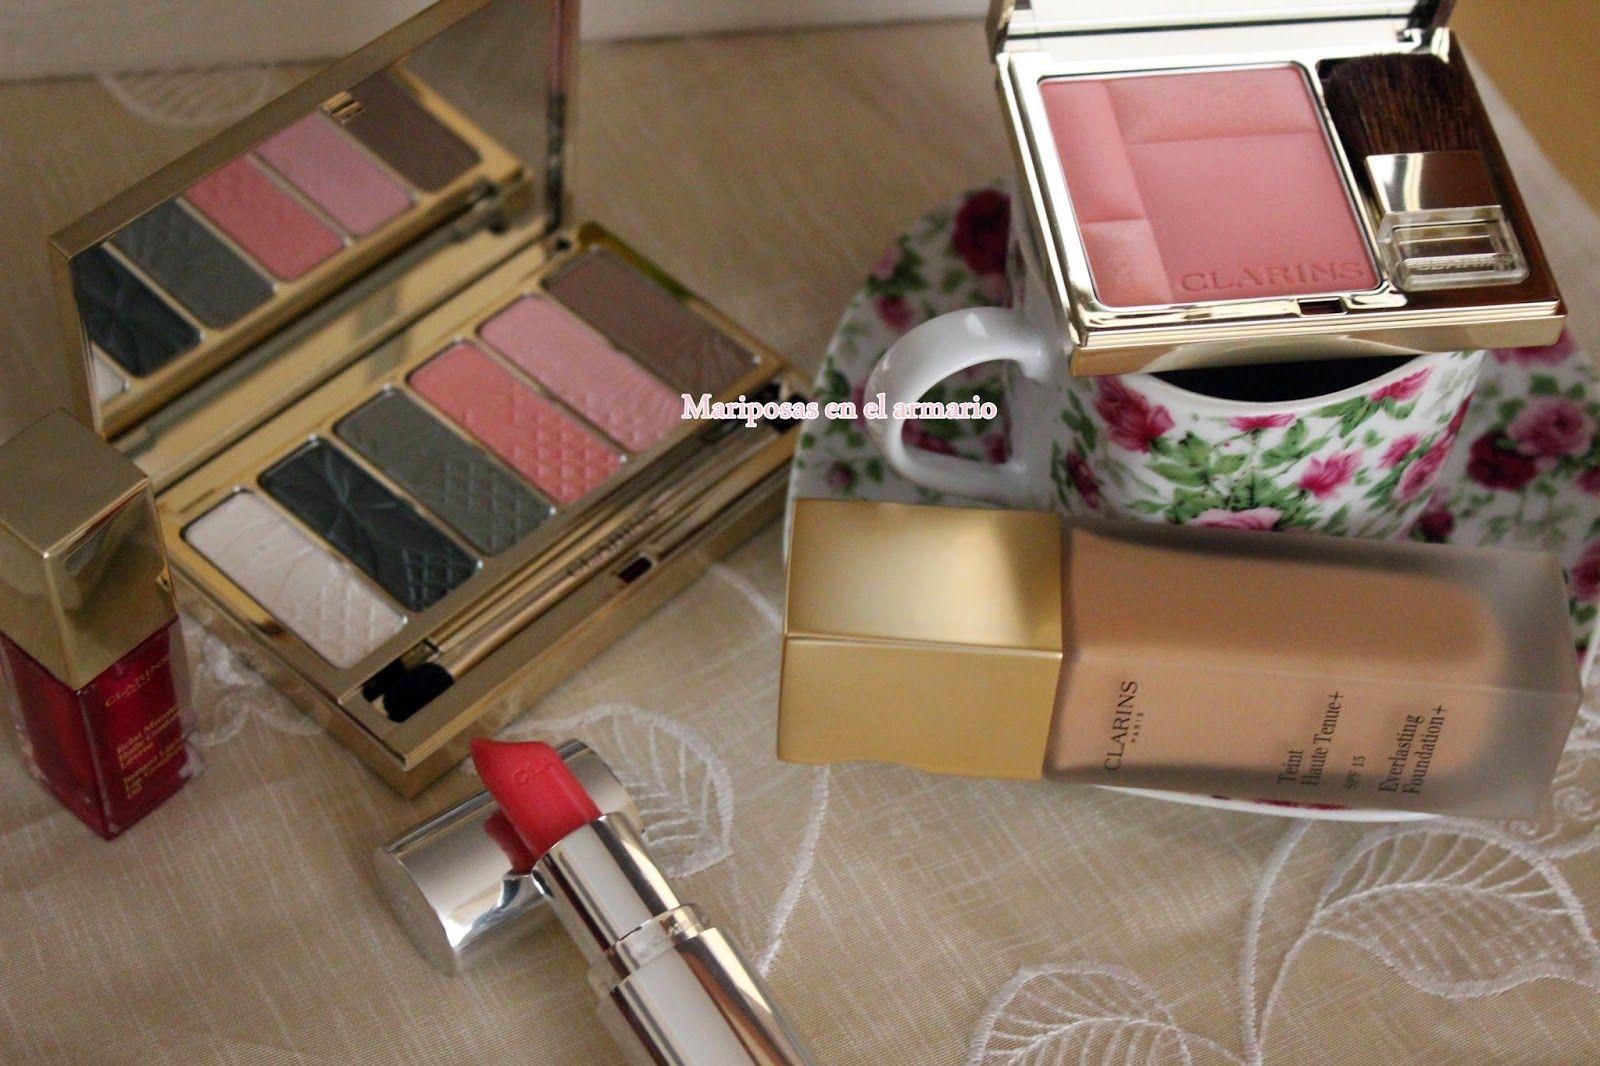 Armario Plastico Rimax ~ Mariposas en el armario Nueva colección de maquillaje Garden Escape de Cla Cosas para